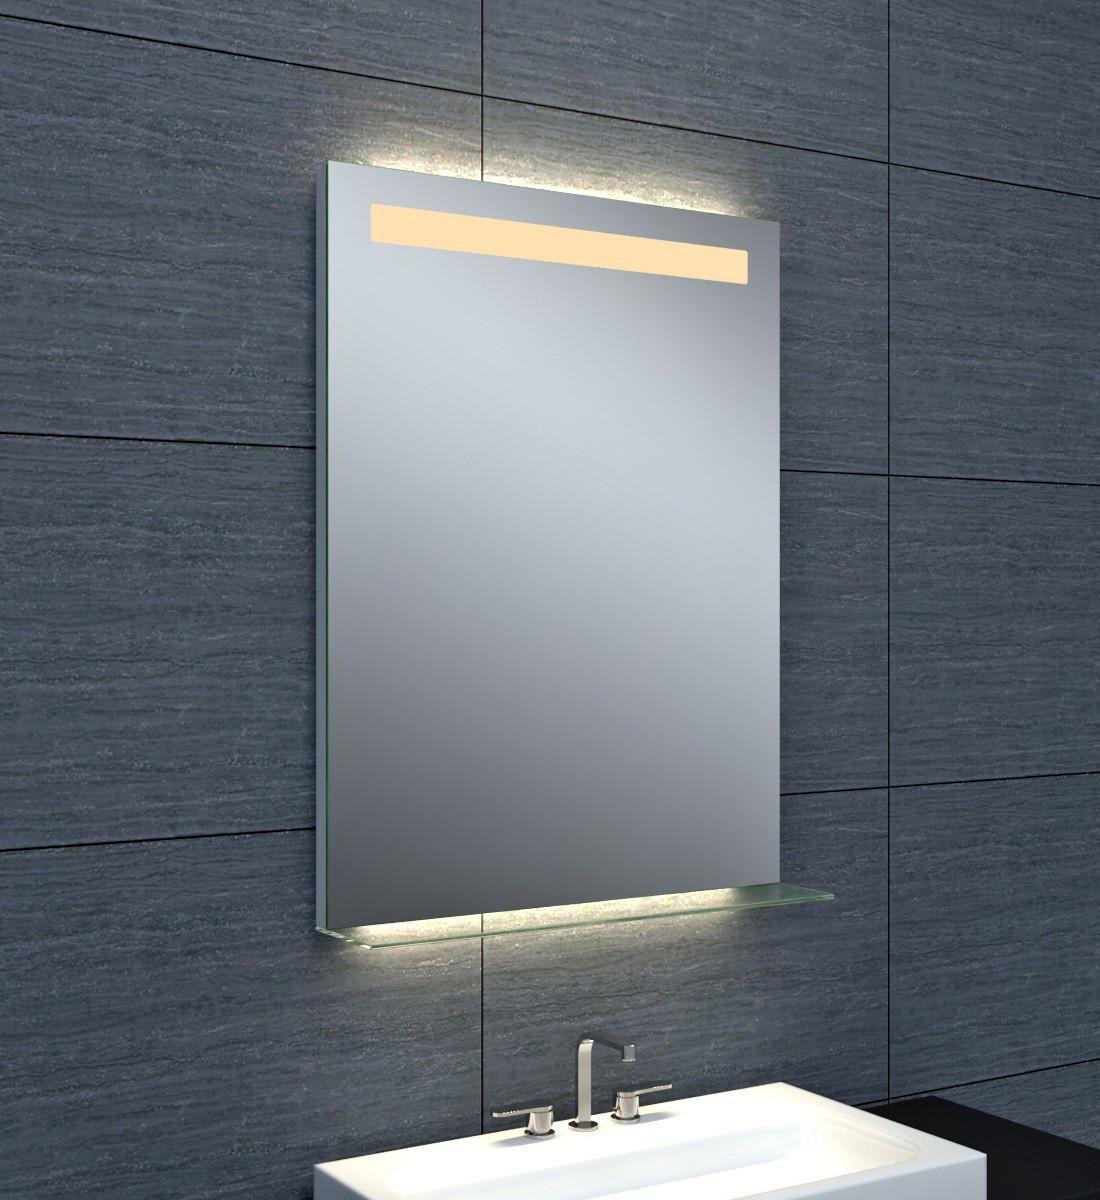 Tablette Salle De Bain 80 Cm miroir dubai éclairage led avec tablette en verre 60 x